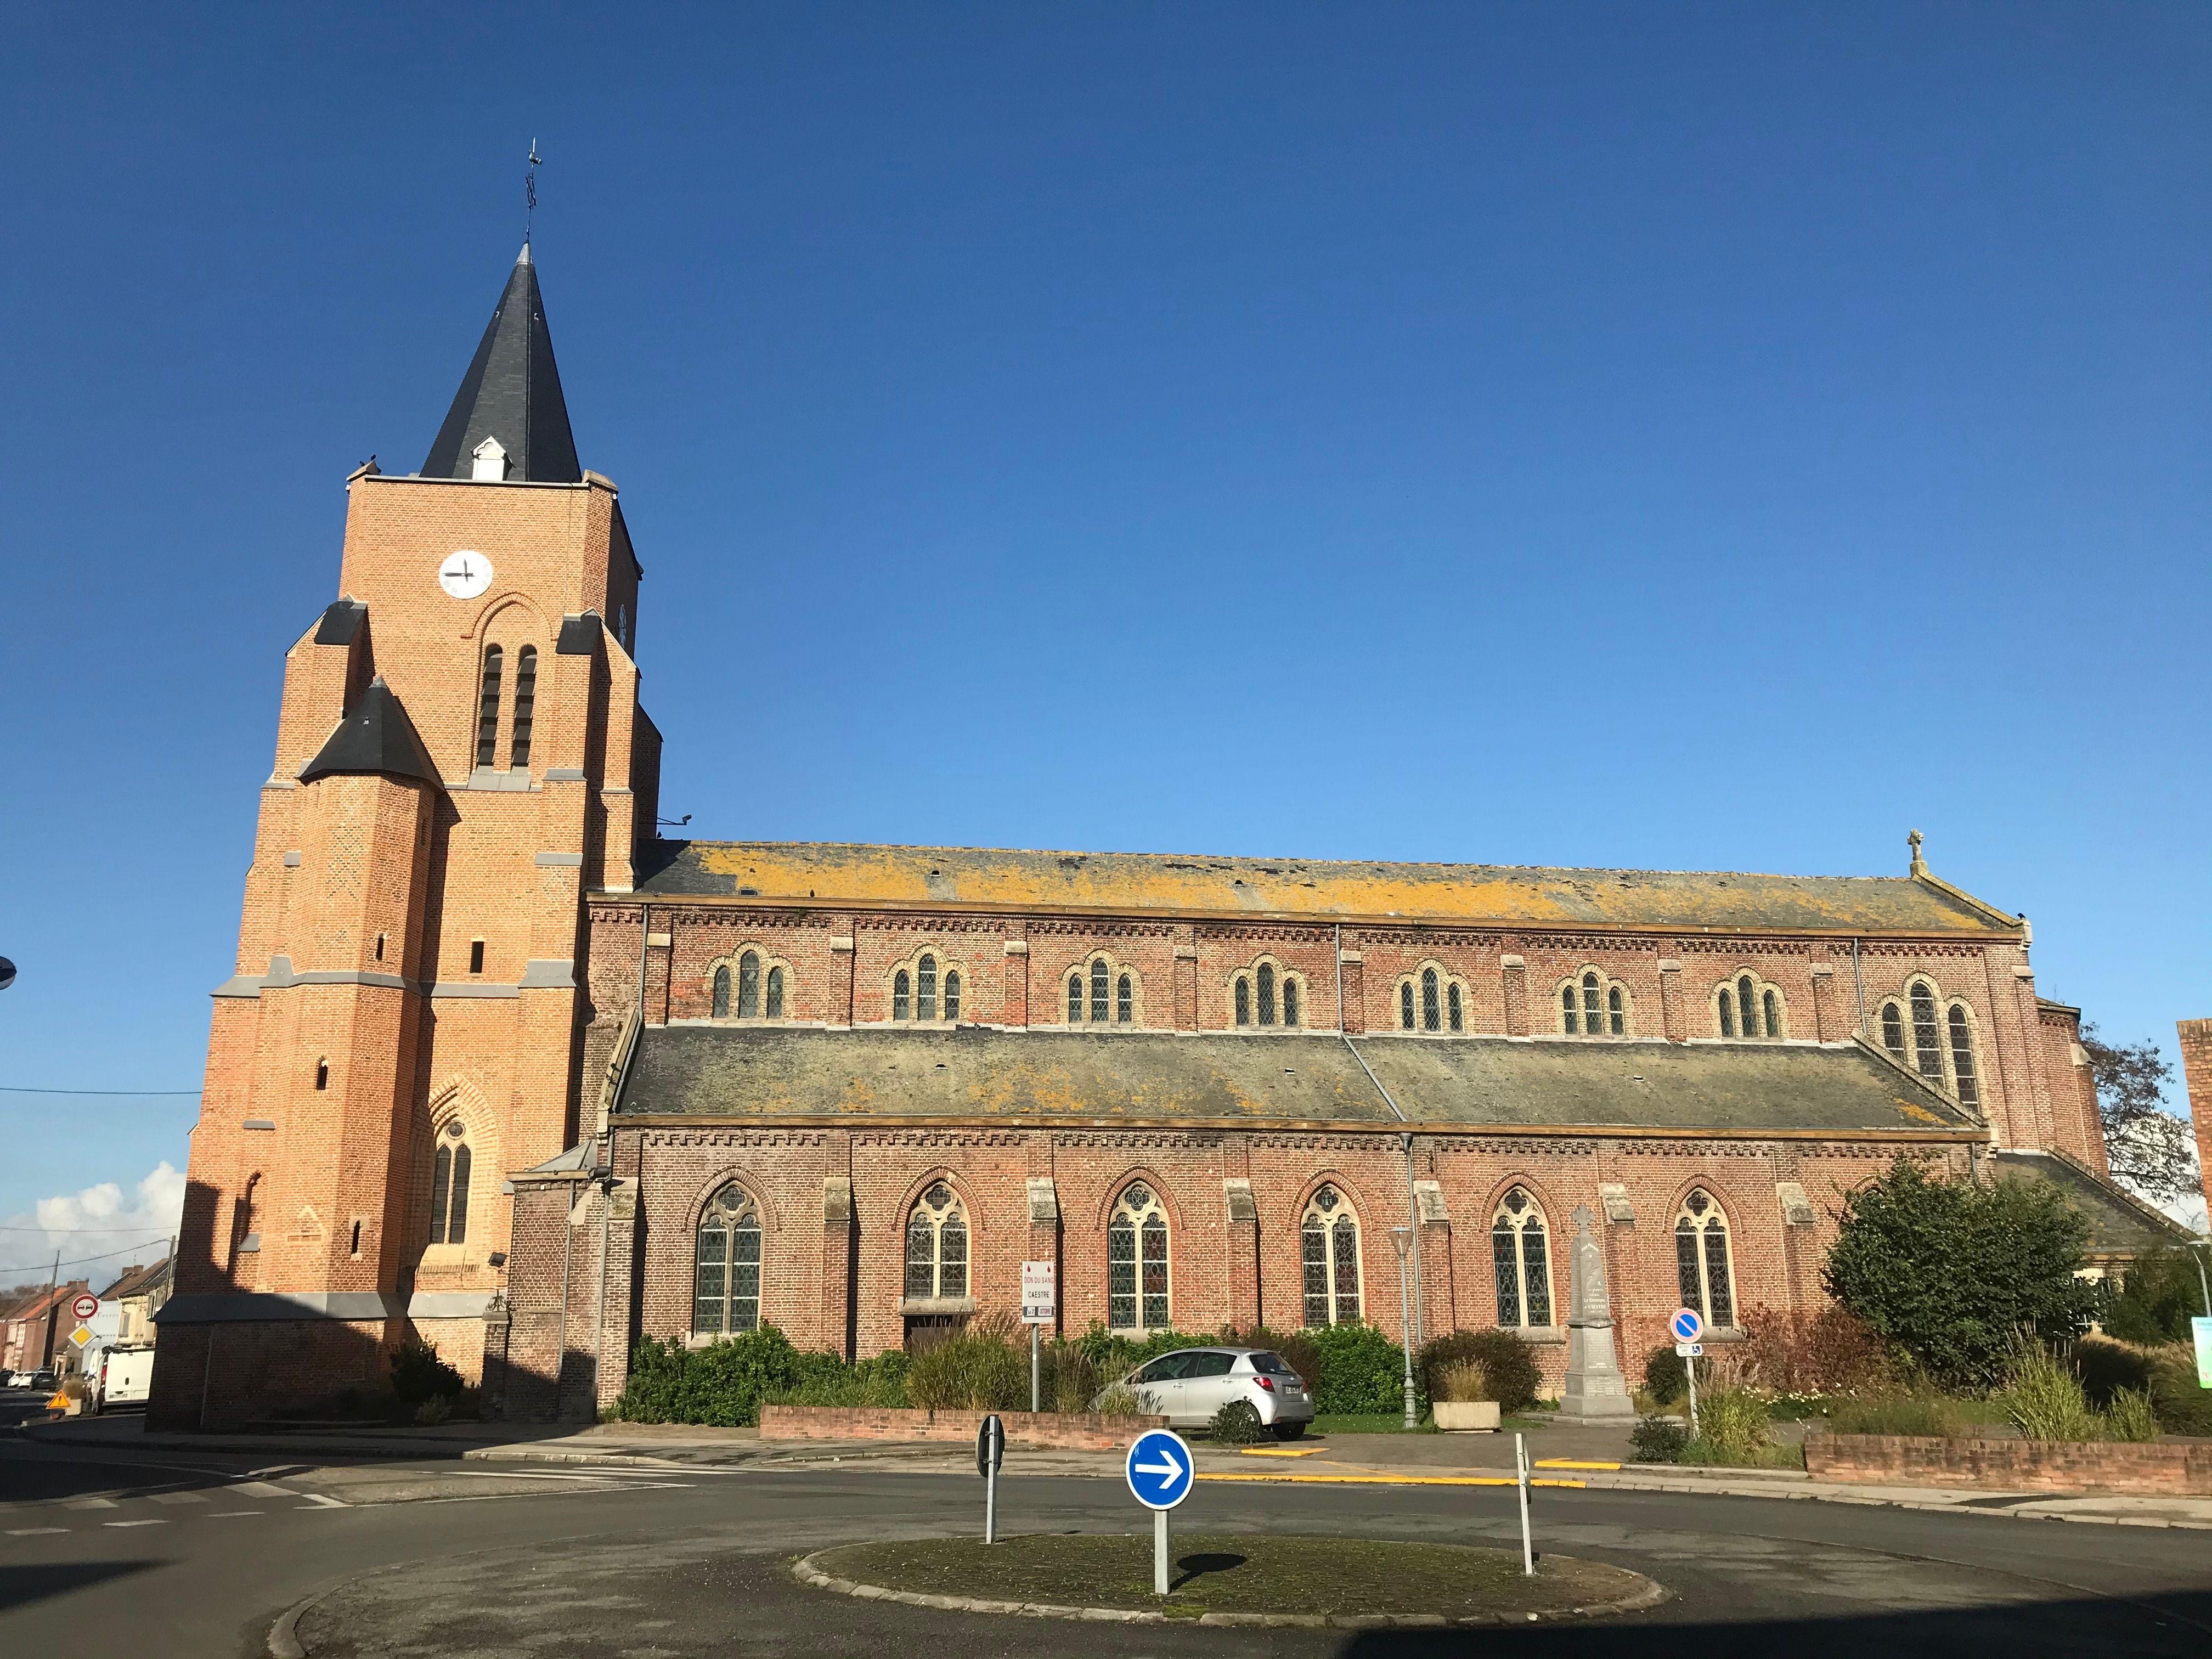 Eglise Saint-Omer de Caëstre